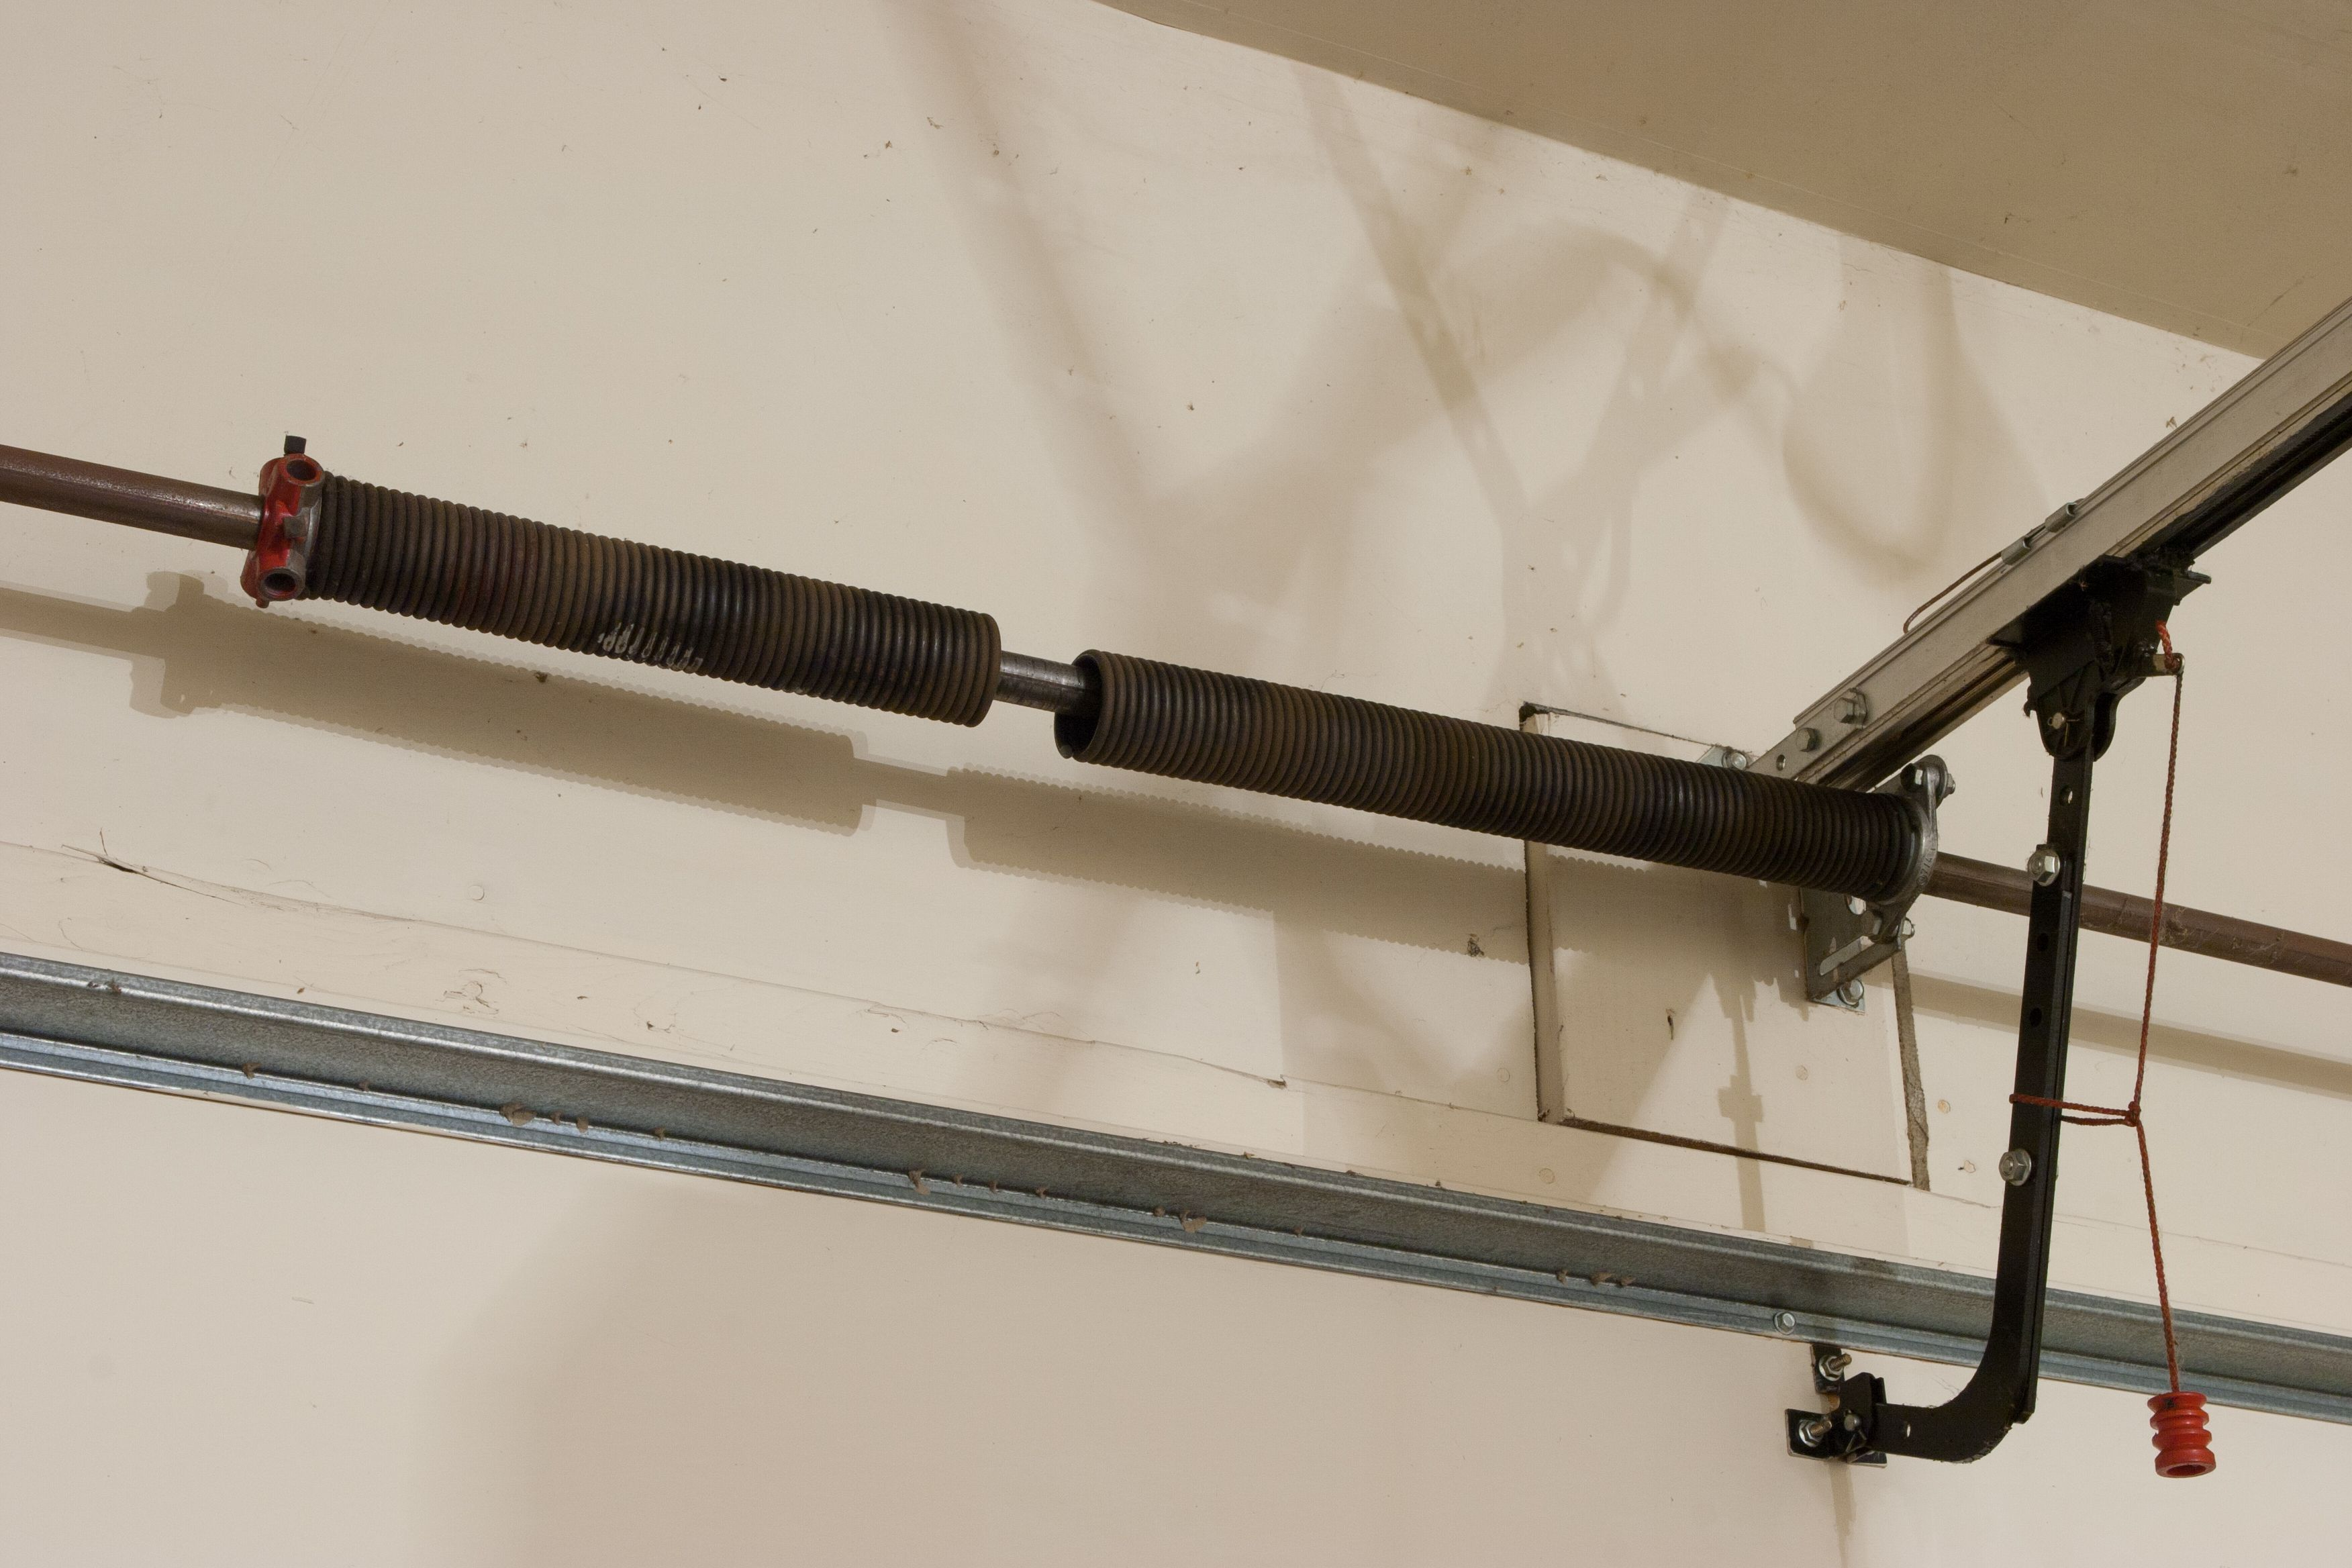 Repair Apartments Garage Door Springs Repair Kit In 2020 Garage Door Torsion Spring Broken Garage Door Spring Garage Door Springs